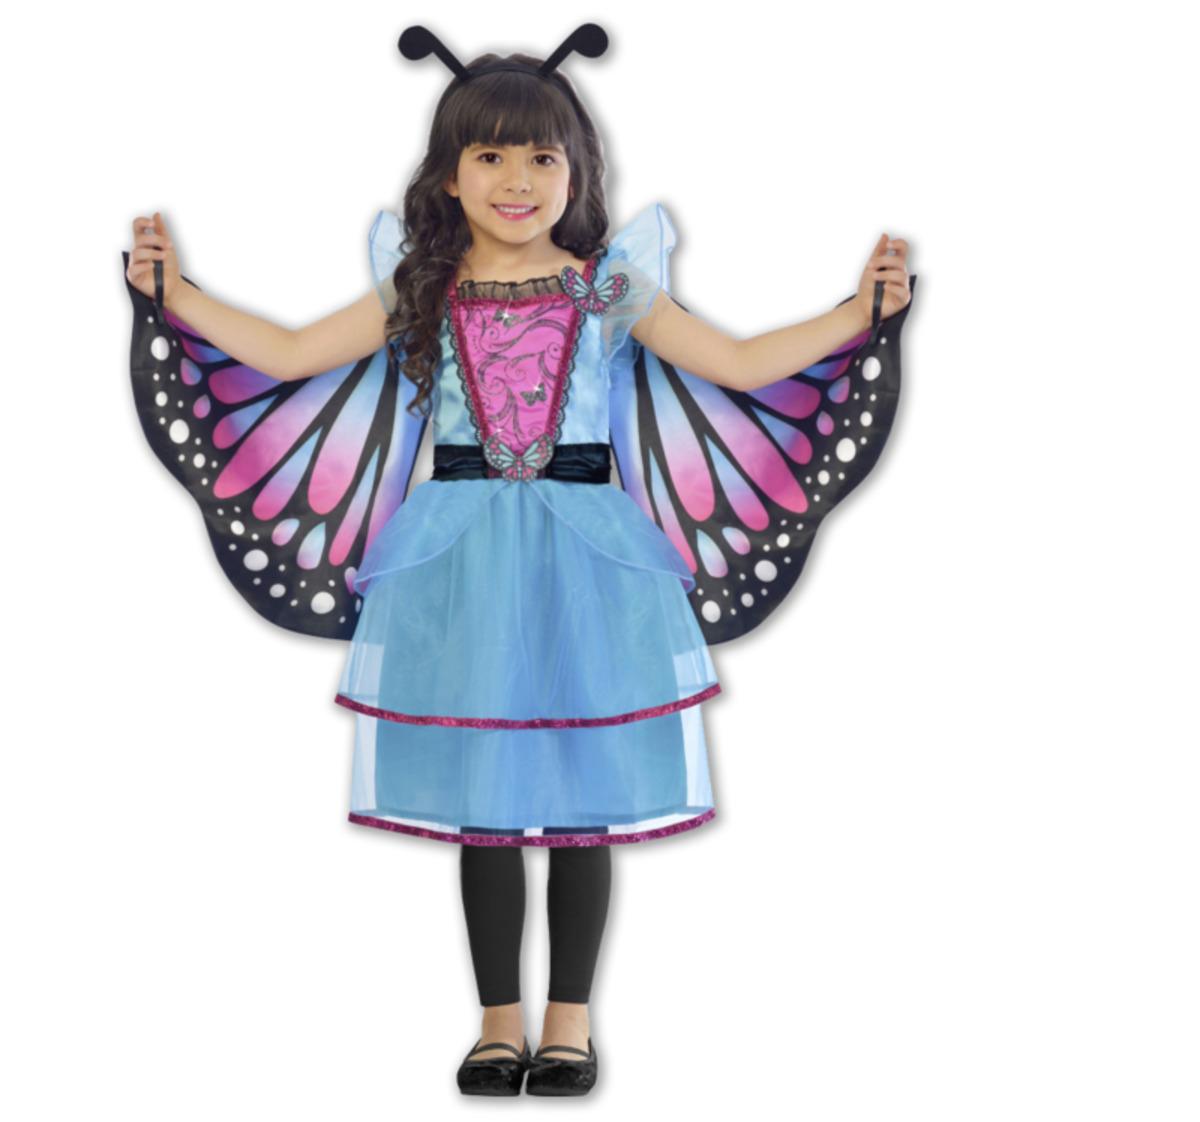 Bild 5 von Karnevalskostüm für Kinder